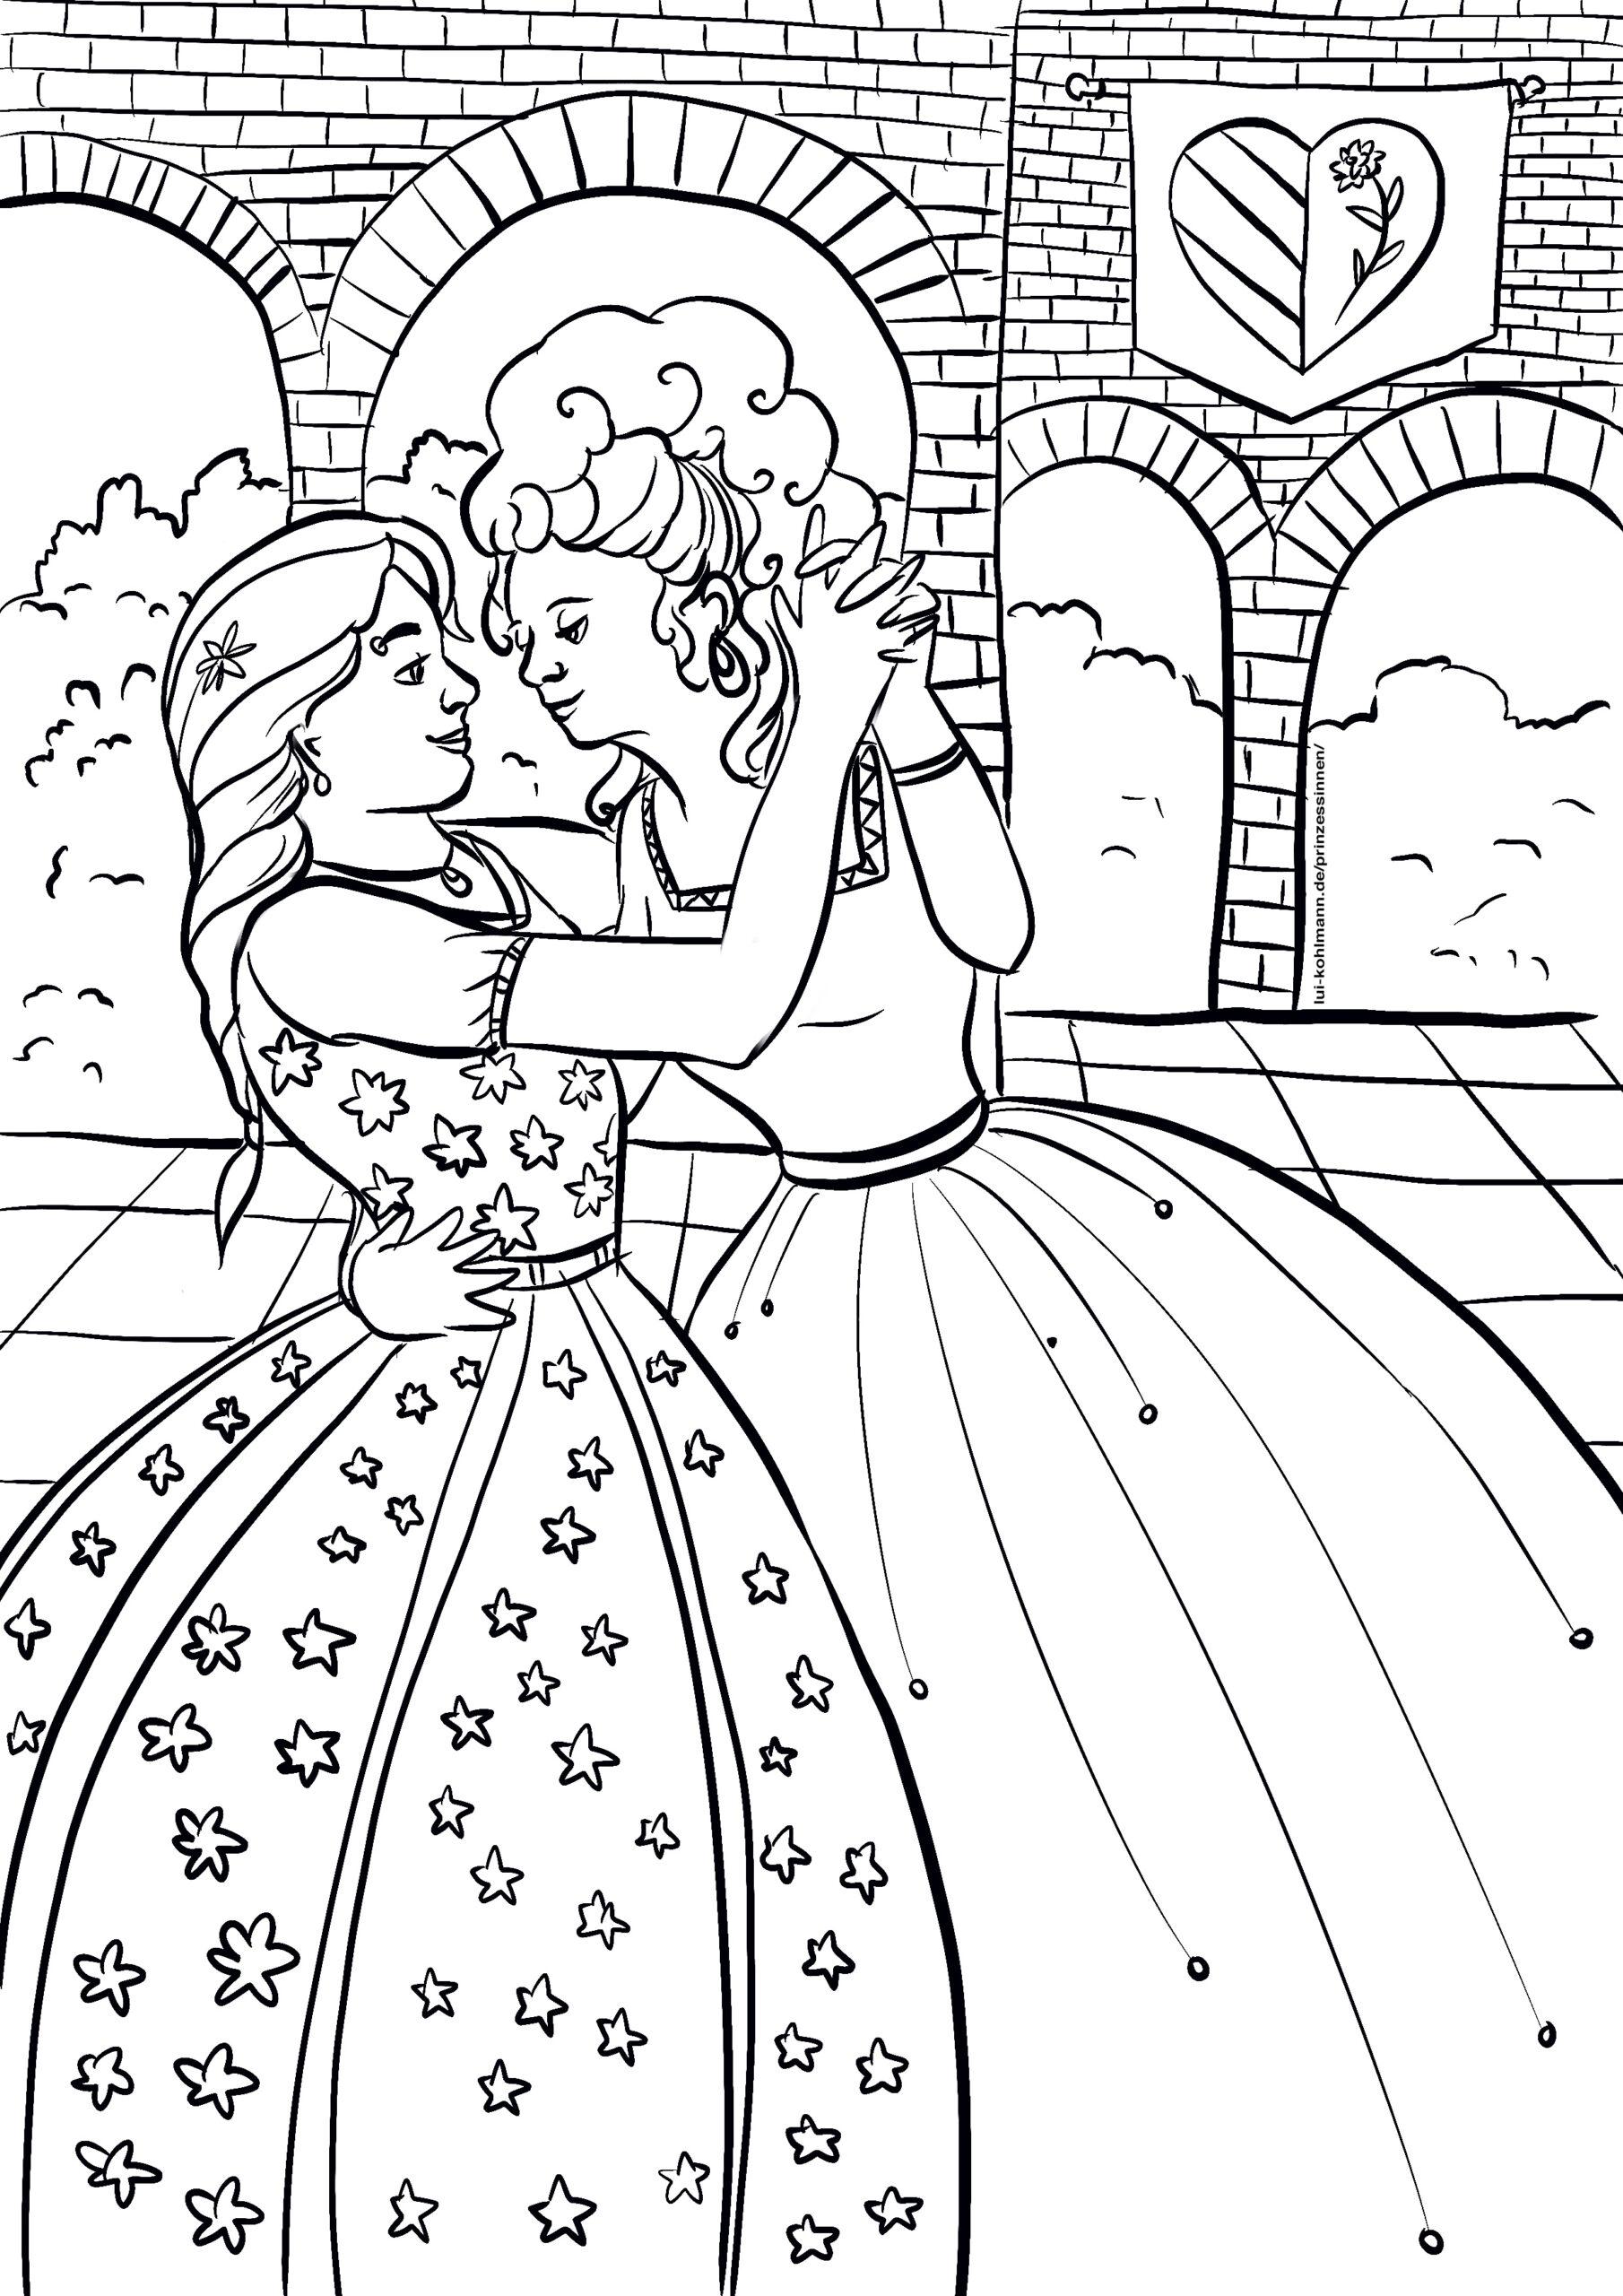 Ausmalbilder von Prinzessinnen – Lui Kohlmann